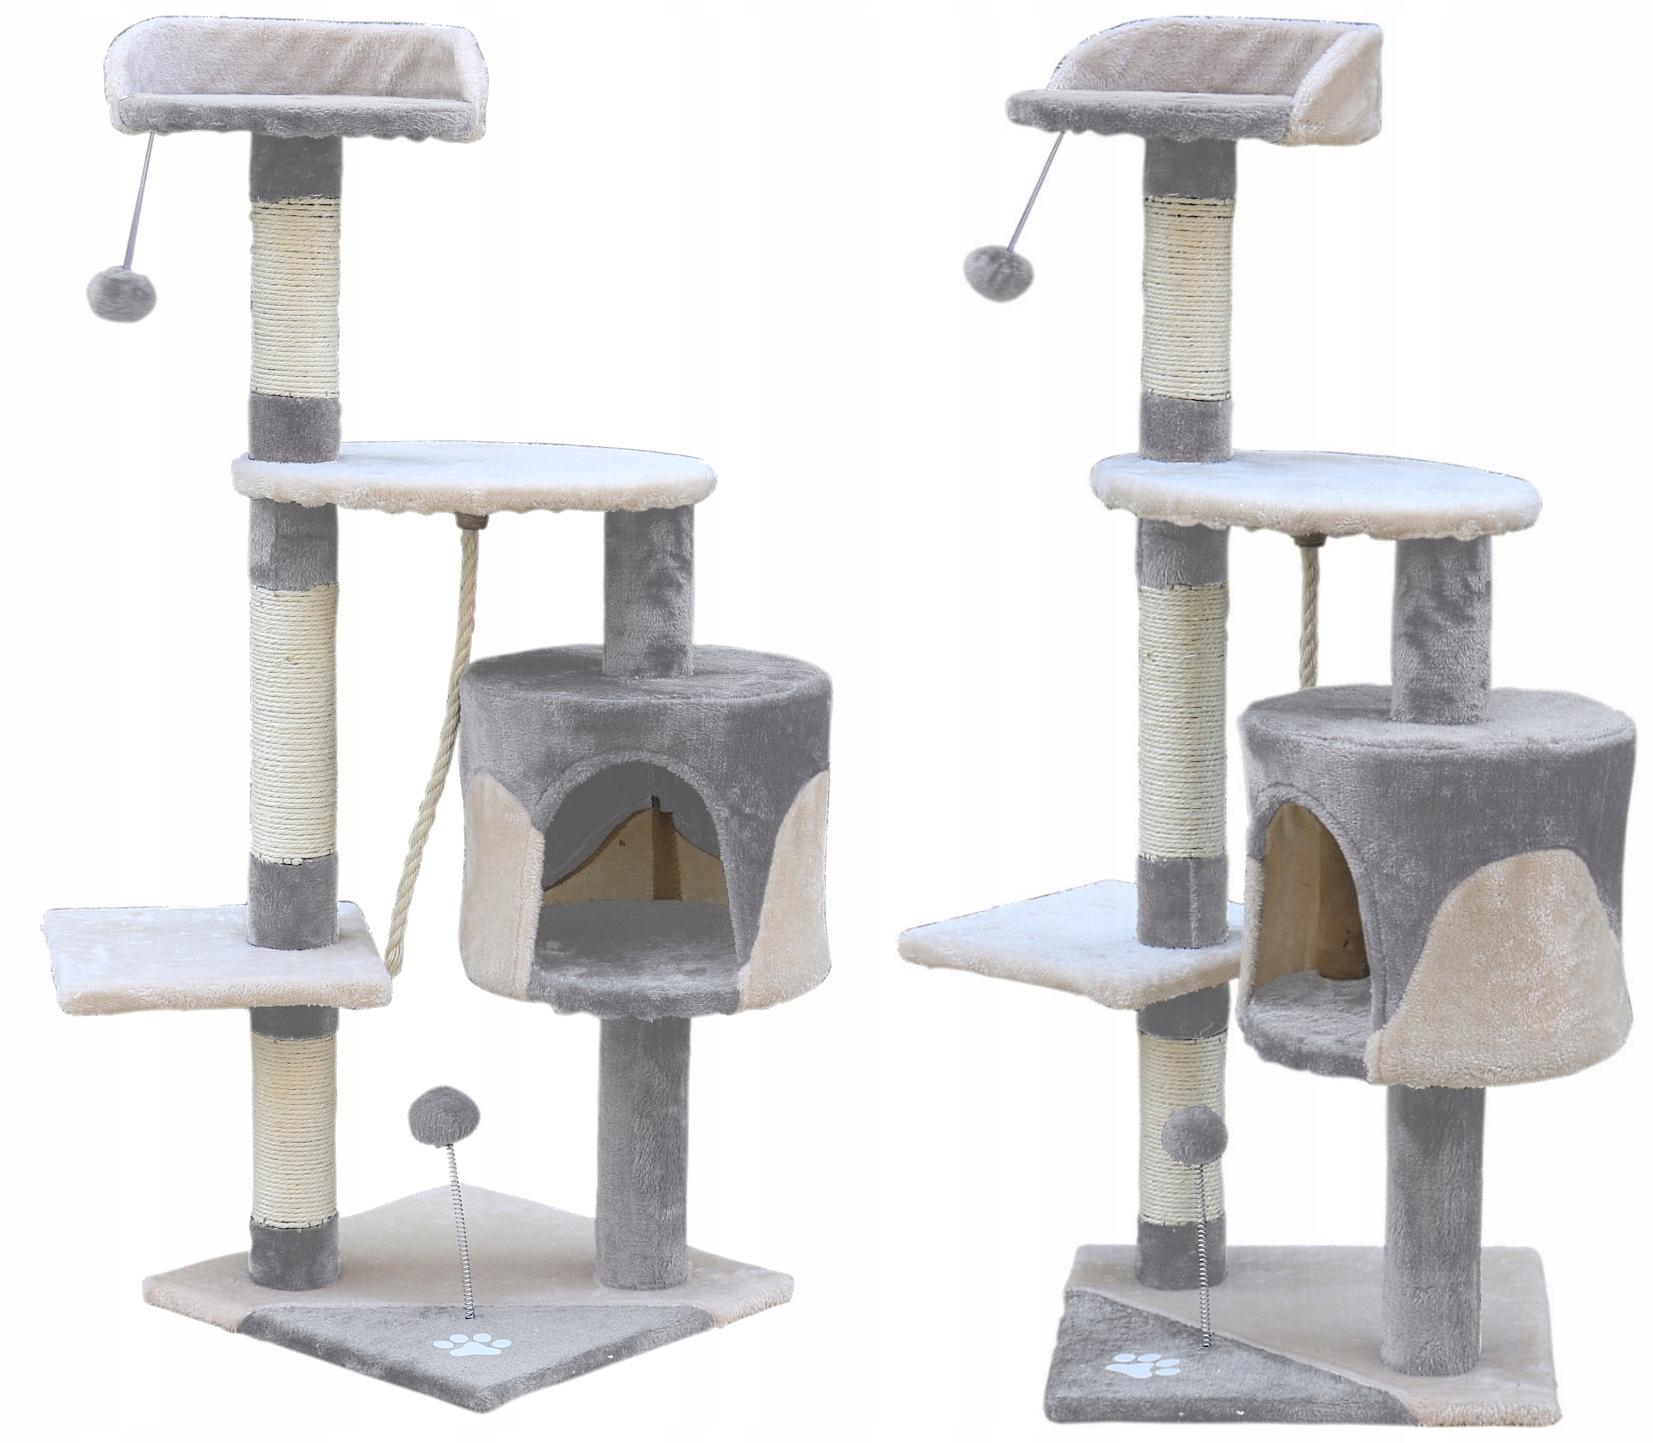 Когтеточка для кошек домик кровать веревка веревка ёлка